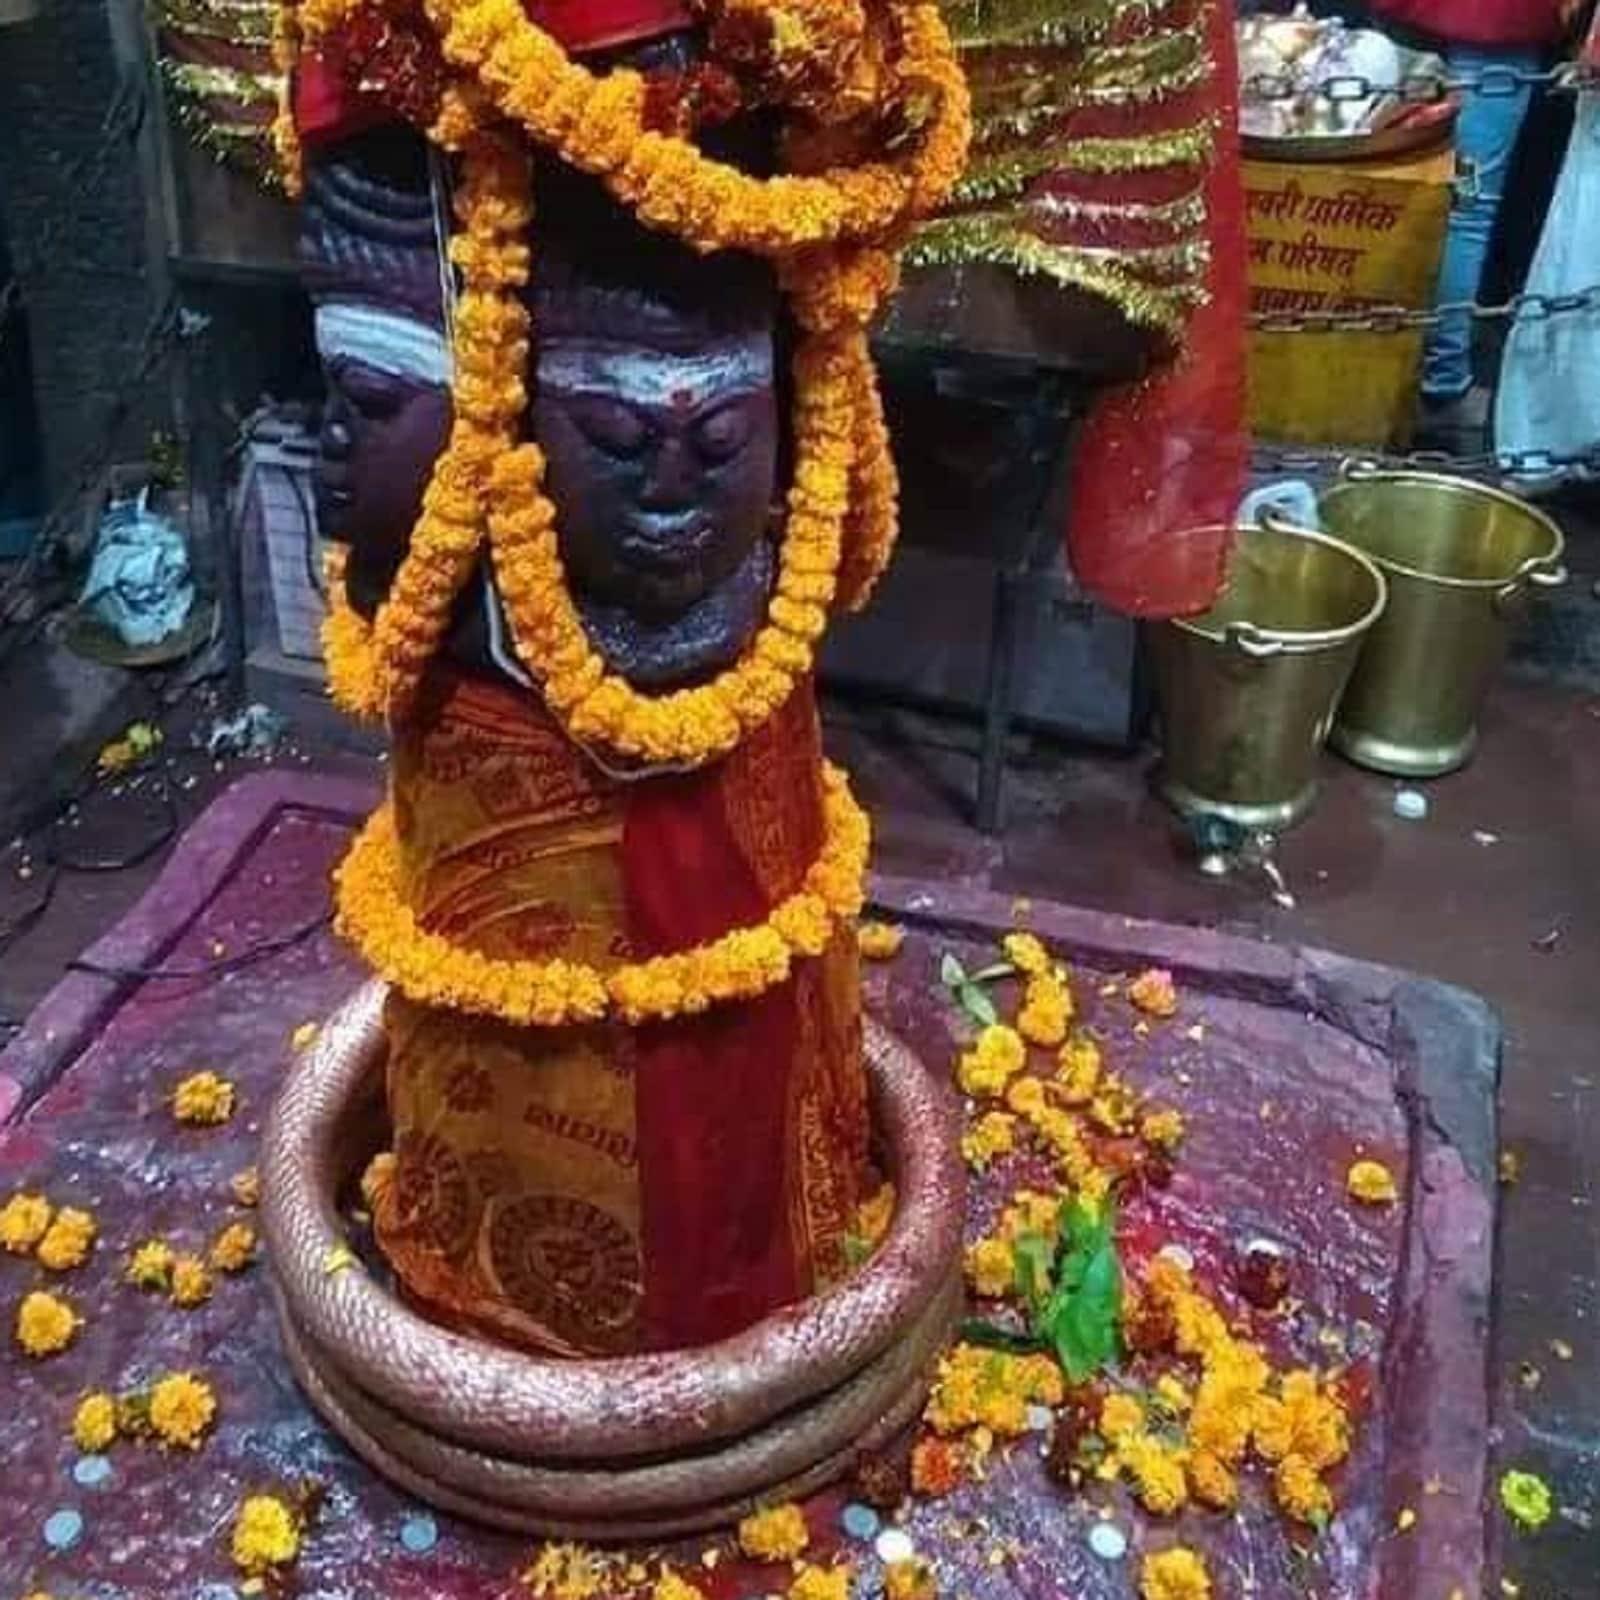 चमत्कार यहीं खत्म नहीं होता है. मंदिर के अंदर एक और ऐसा चमत्कार है जिसे देख आप हैरान रह जाएंगे. मां मुंडेश्वरी के मंदिर में गर्भगृह के अंदर पंचमुखी भगवान शिव का शिवलिंग है जिसकी भव्यता अपने आप में अनोखी है. भोलेनाथ की ऐसी मूर्ति भारत में बहुत कम पायी जाती है , इसी मूर्ति में छुपा हुआ है ऐसा रहस्य जिसके बारे में कोई नही जान या समझ पाया , मंदिर के पुजारी की मानें तो ऐसी मान्यता है कि इसका मूर्ति का रंग सुबह, दोपहर और शाम को अलग-अलग दिखाई देता है. कब शिवलिंग का रंग बदल जाता है, पता भी नहीं चलता.